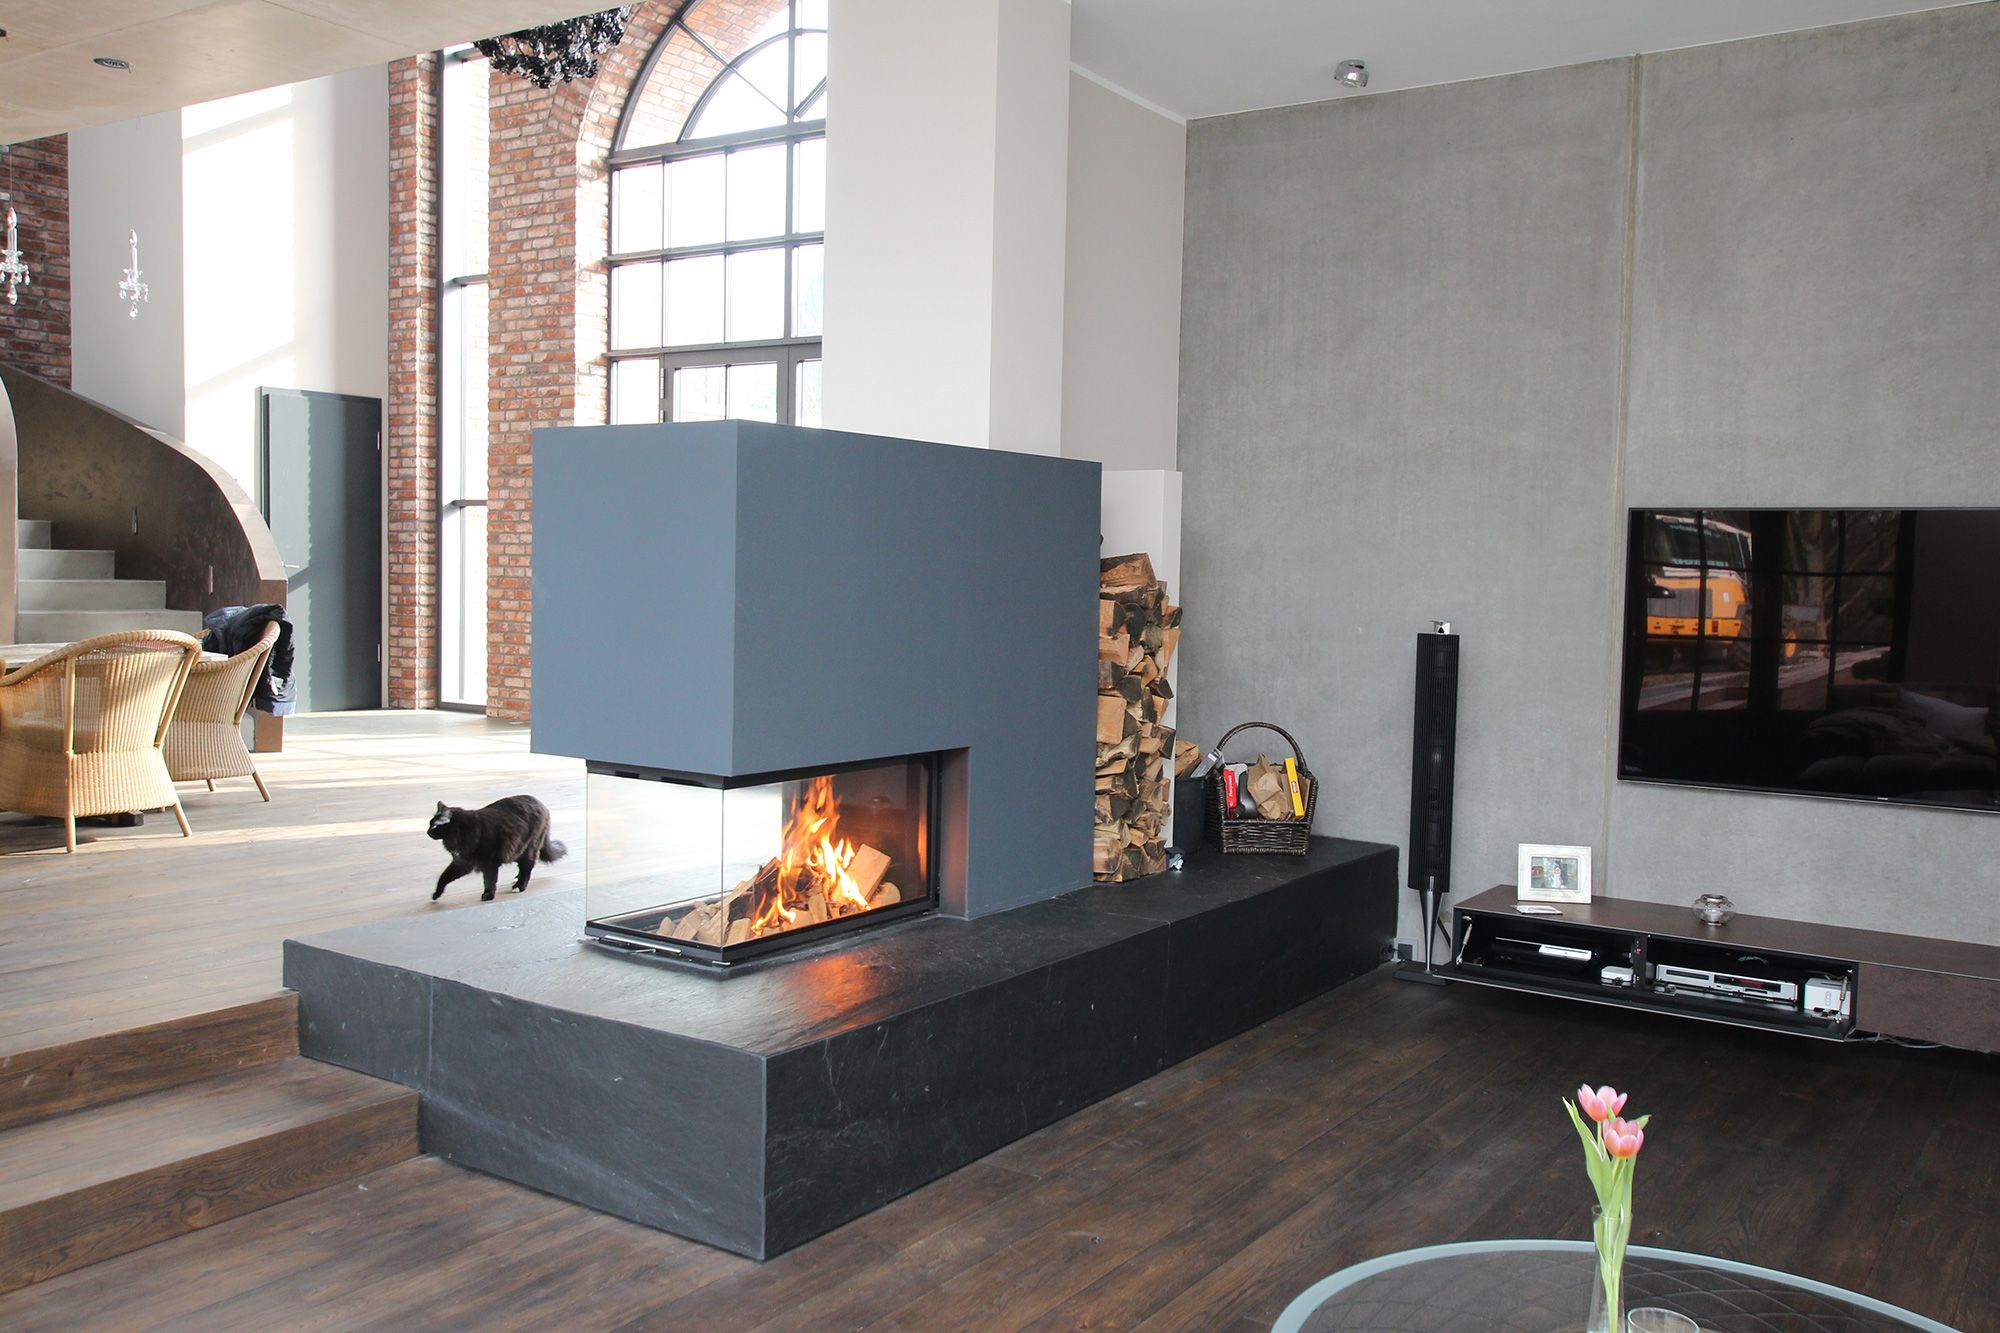 Moderne Kamine Feuertisch Tunnelkamin Dreiseitiger Kamin Marmor